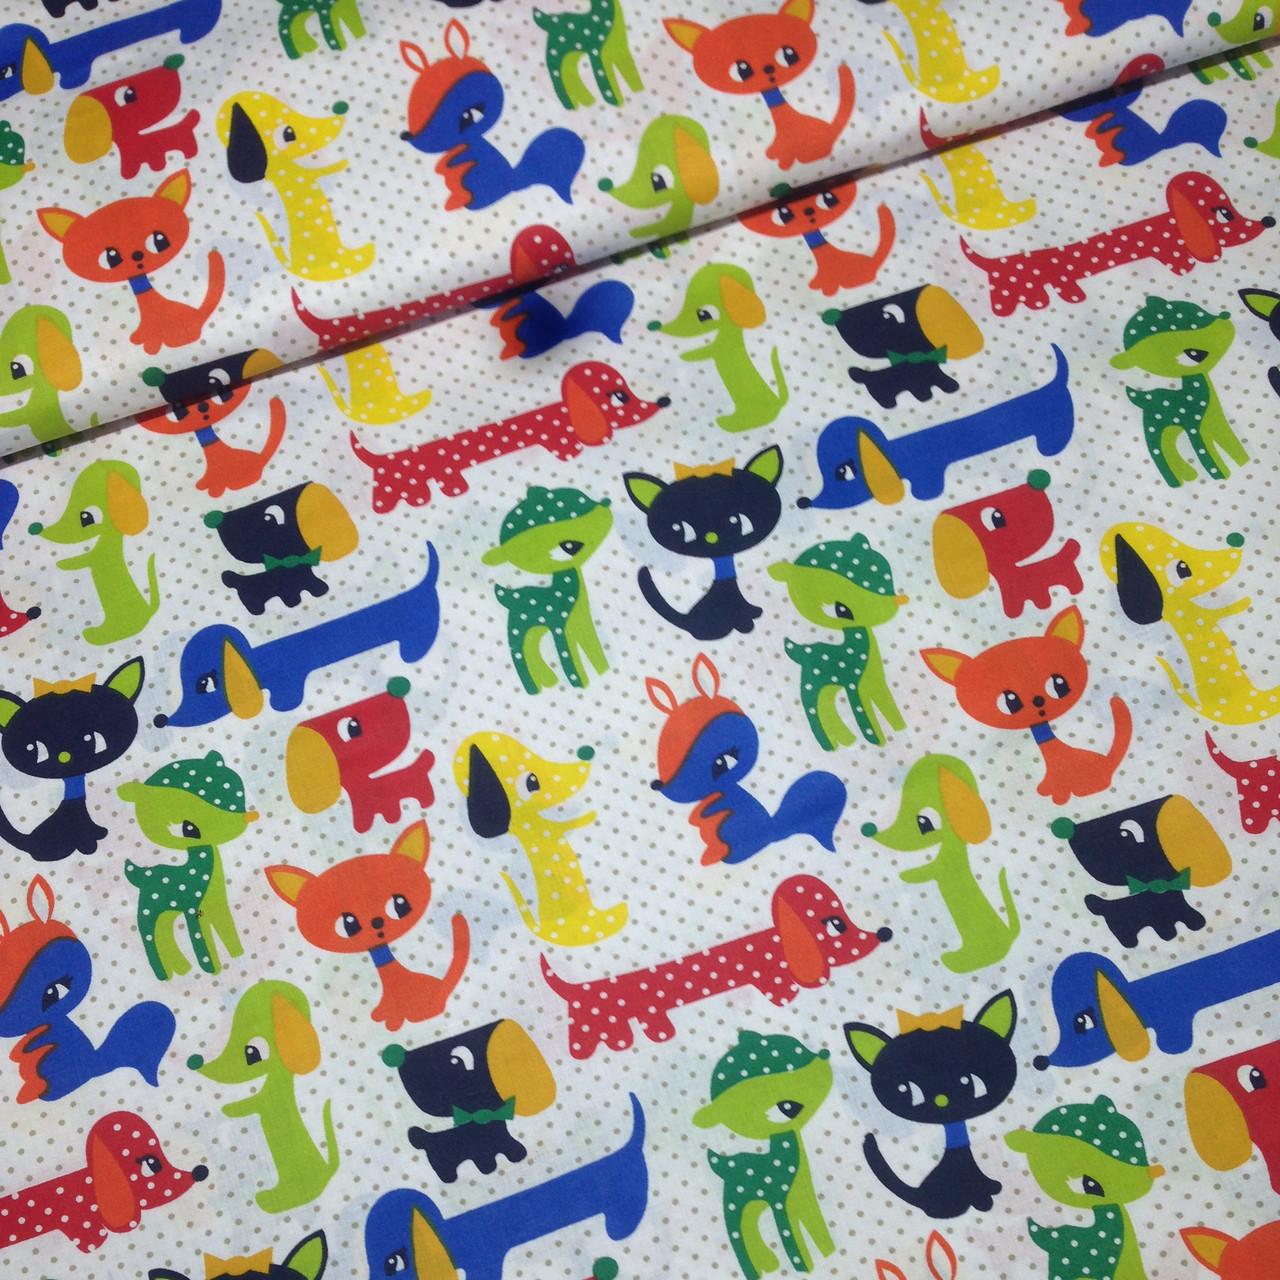 Хлопковая ткань польская собачки, котики, олени с серым горошком на белом №237